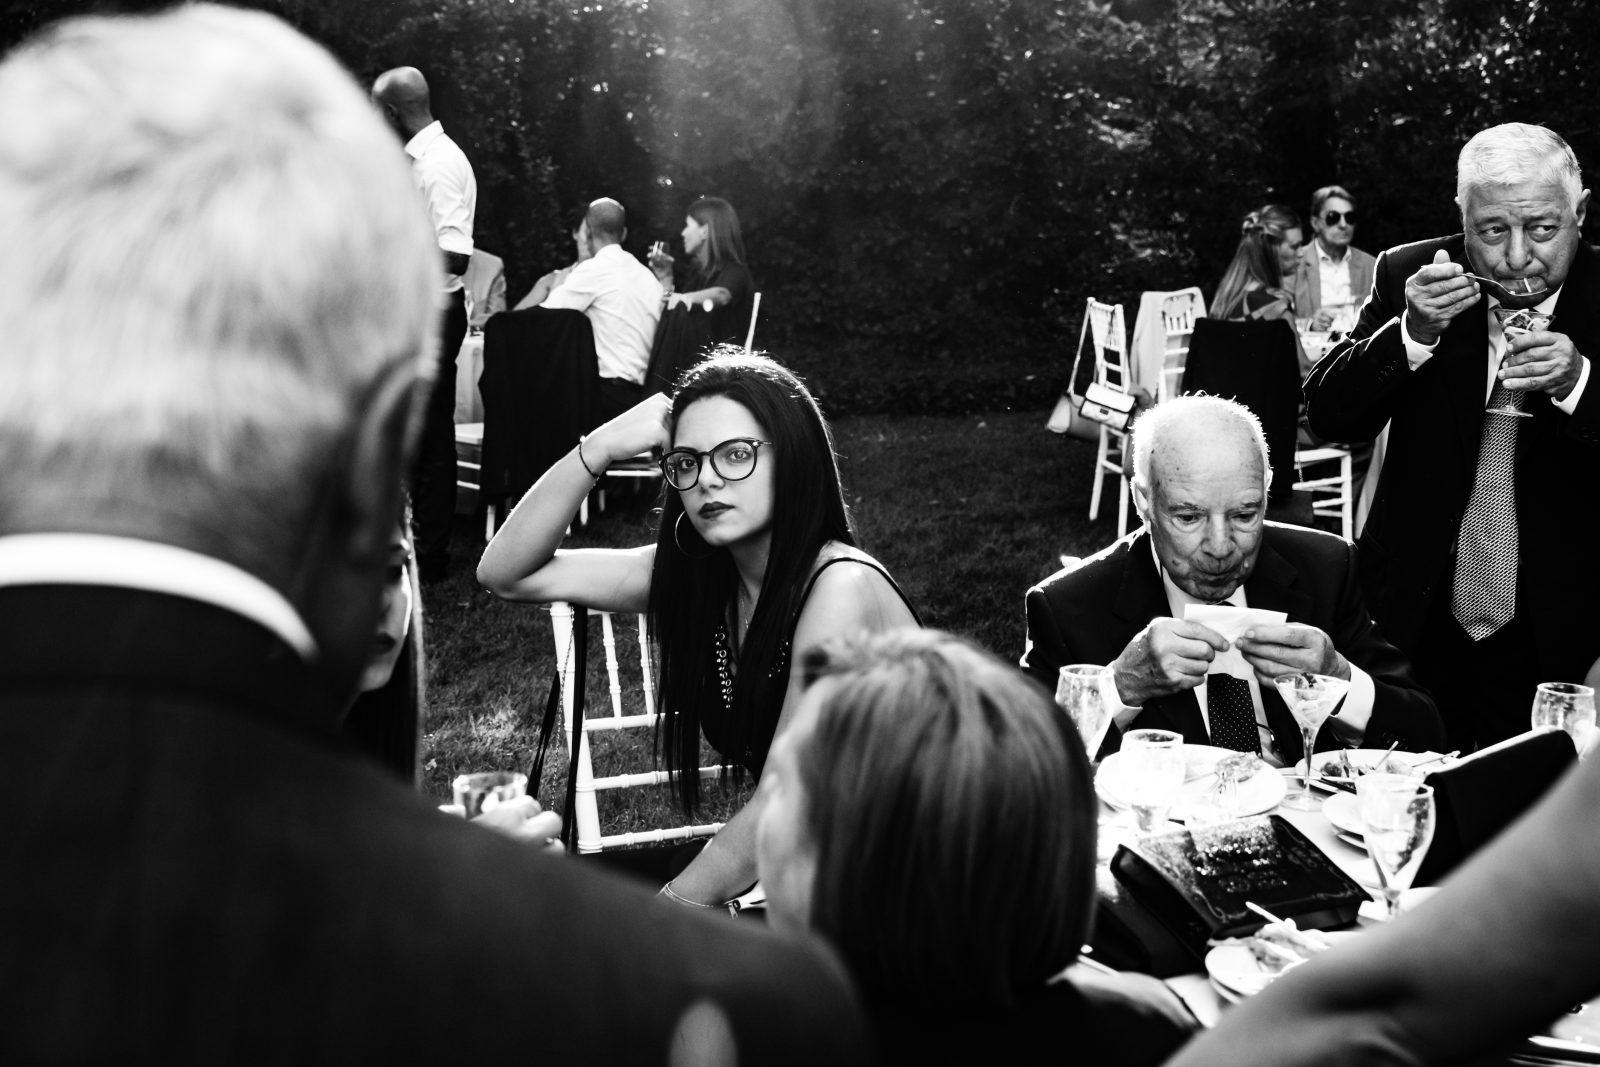 Foto ricevimento di matrimonio. Il Blog di Max Allegritti Fotografia, fotografo professionista di matrimonio e ritrattistica.